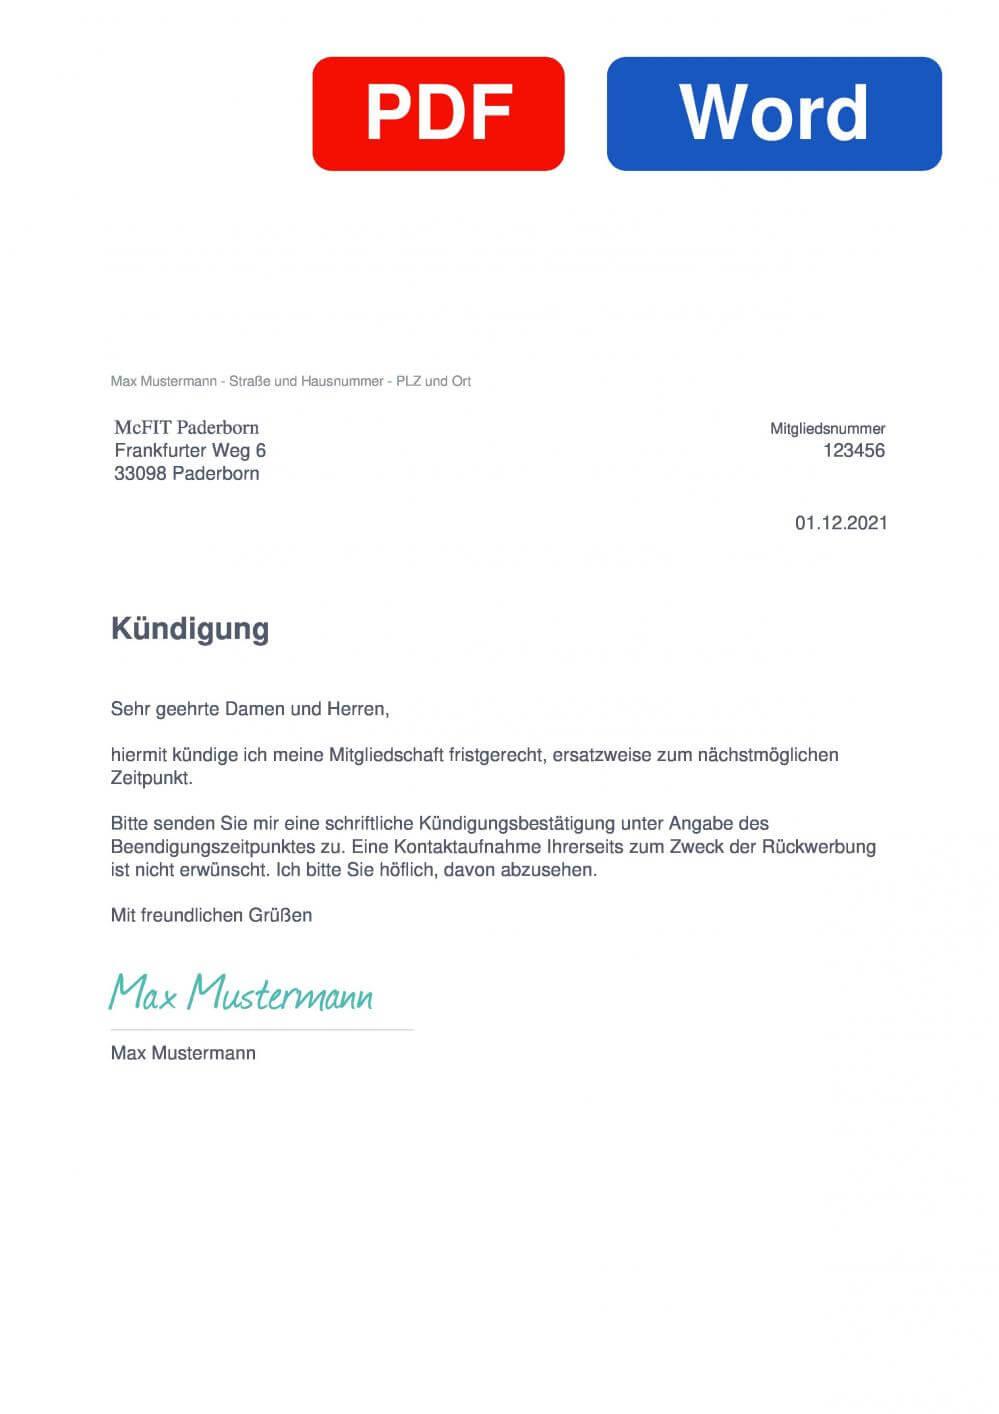 McFIT Paderborn Muster Vorlage für Kündigungsschreiben